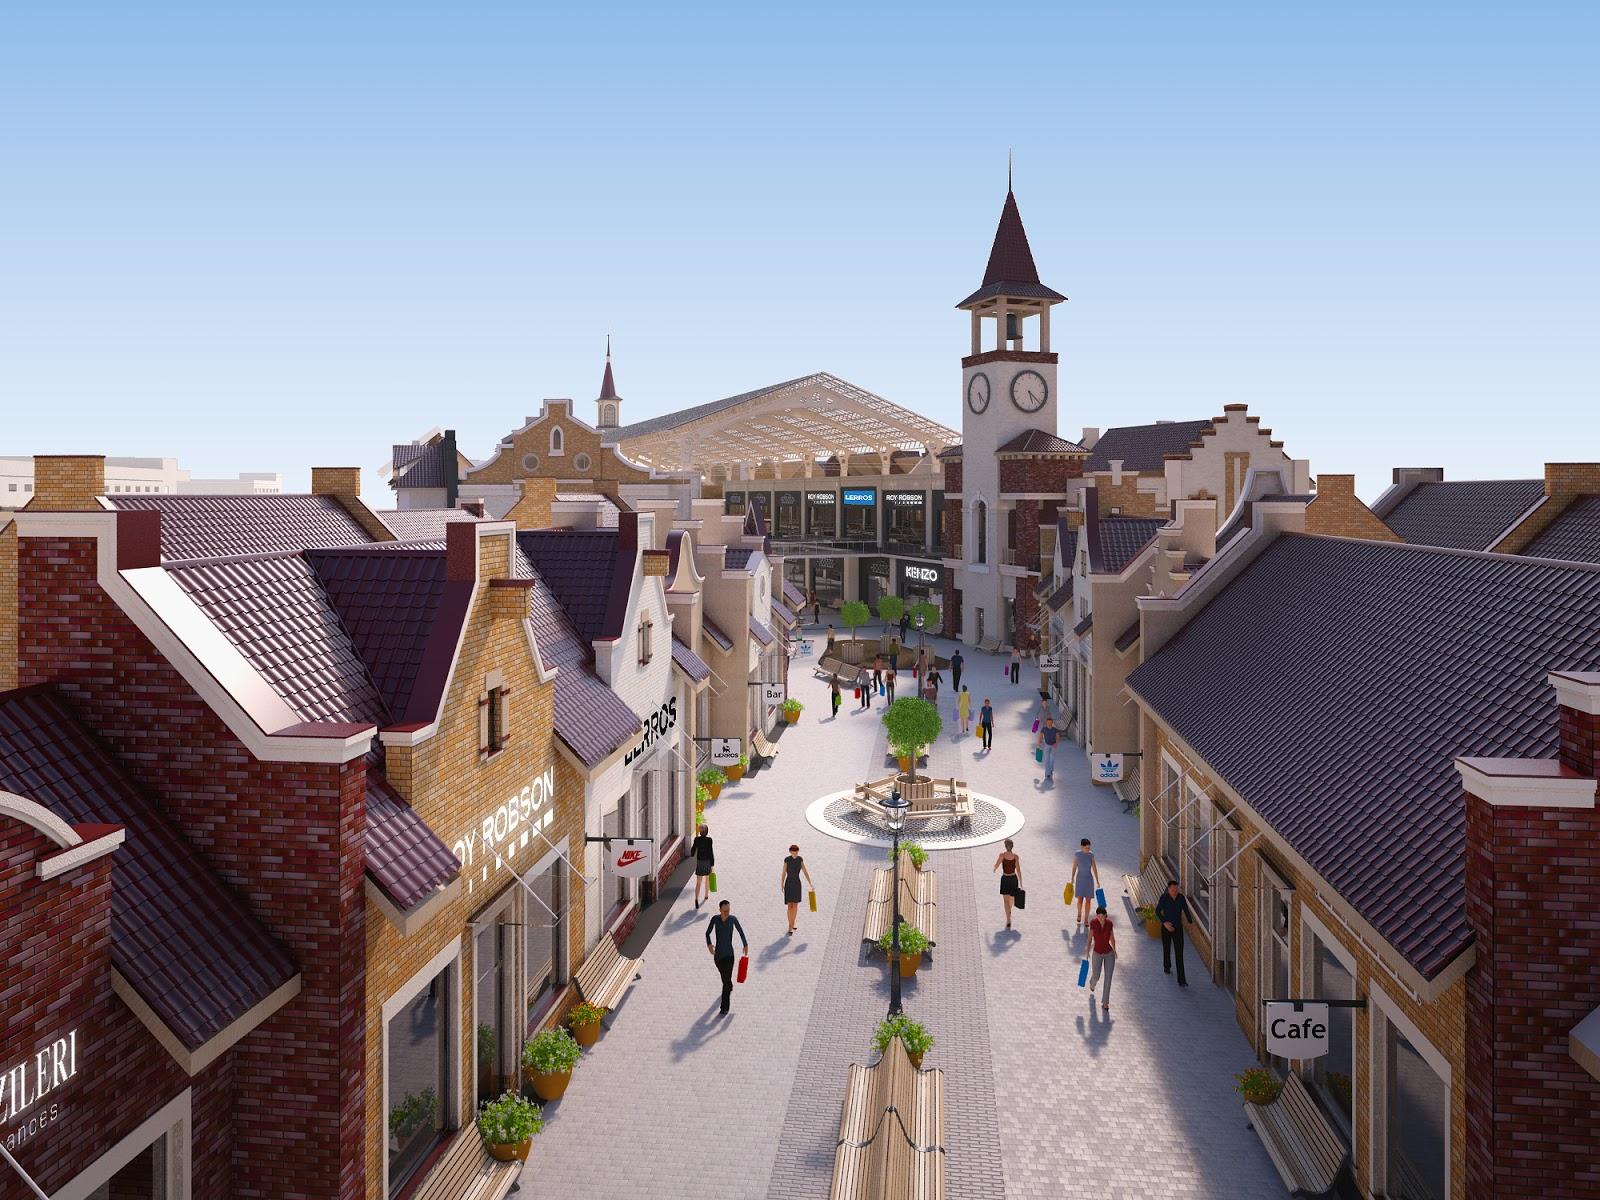 Manufactura Kiev Outlet Village opens doors in October 0df3fda2b5b4c